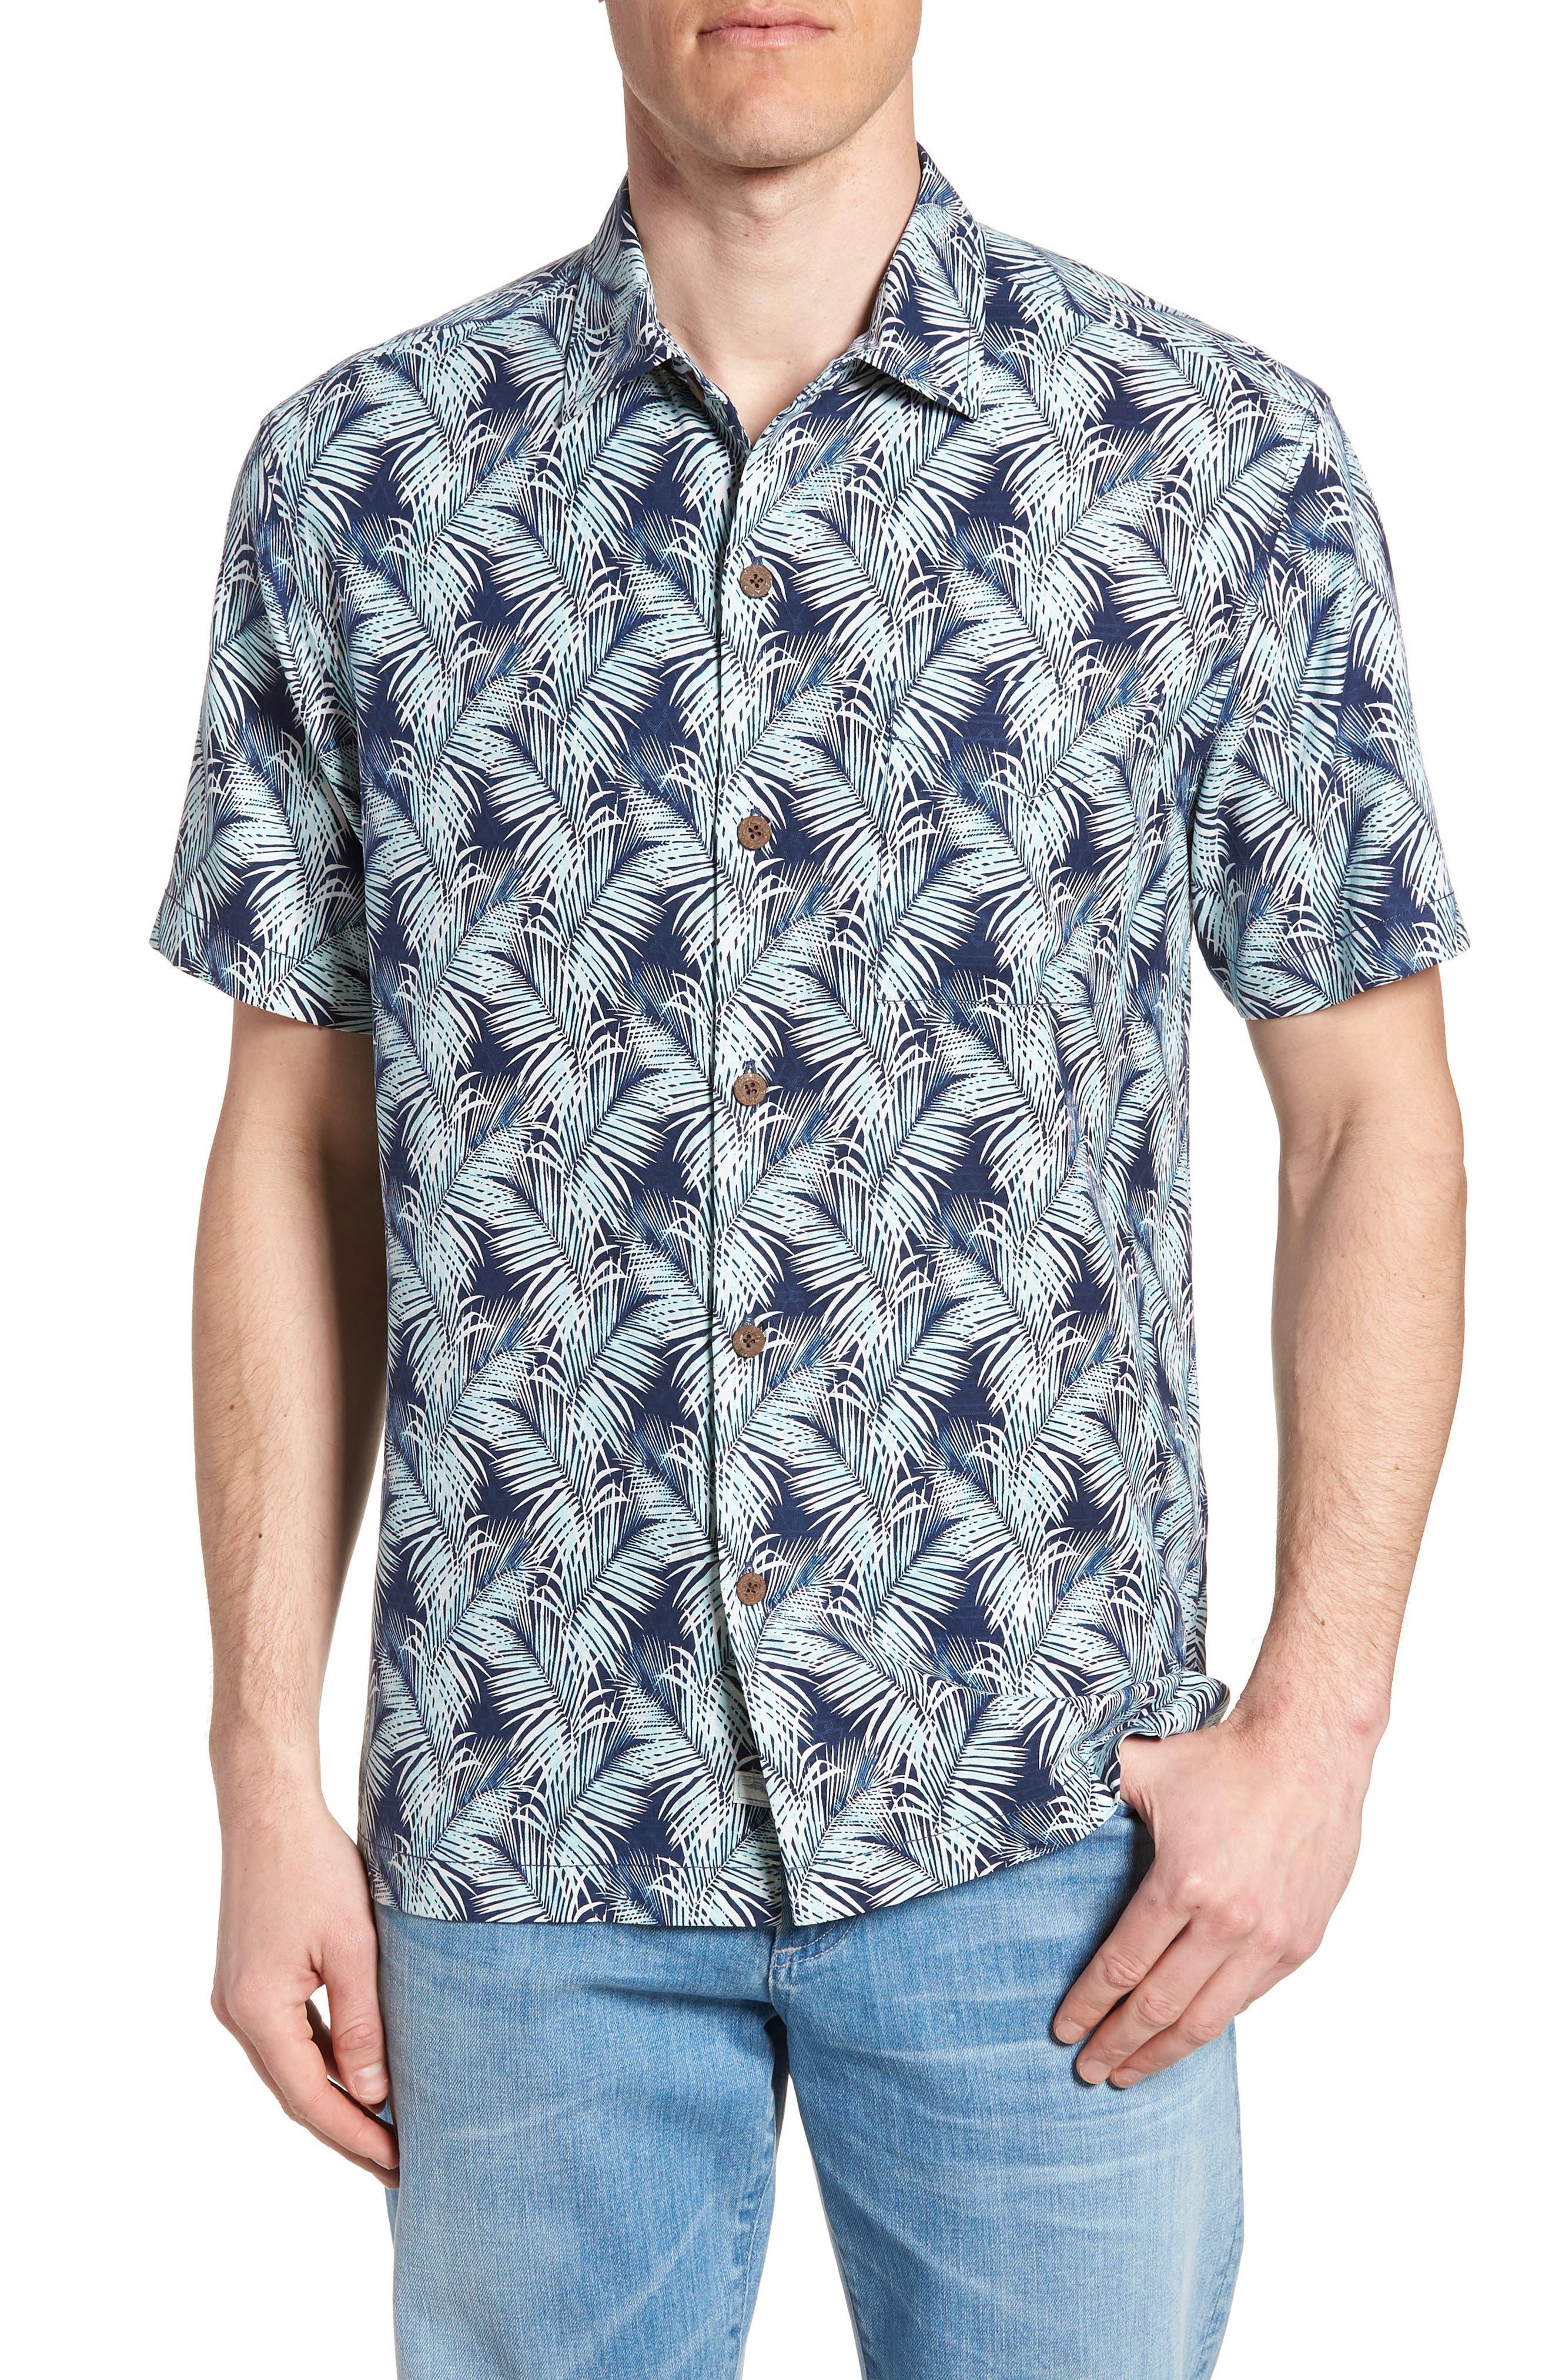 Palms of Tulum Silk Camp Shirt,                             Main thumbnail 1, color,                             401